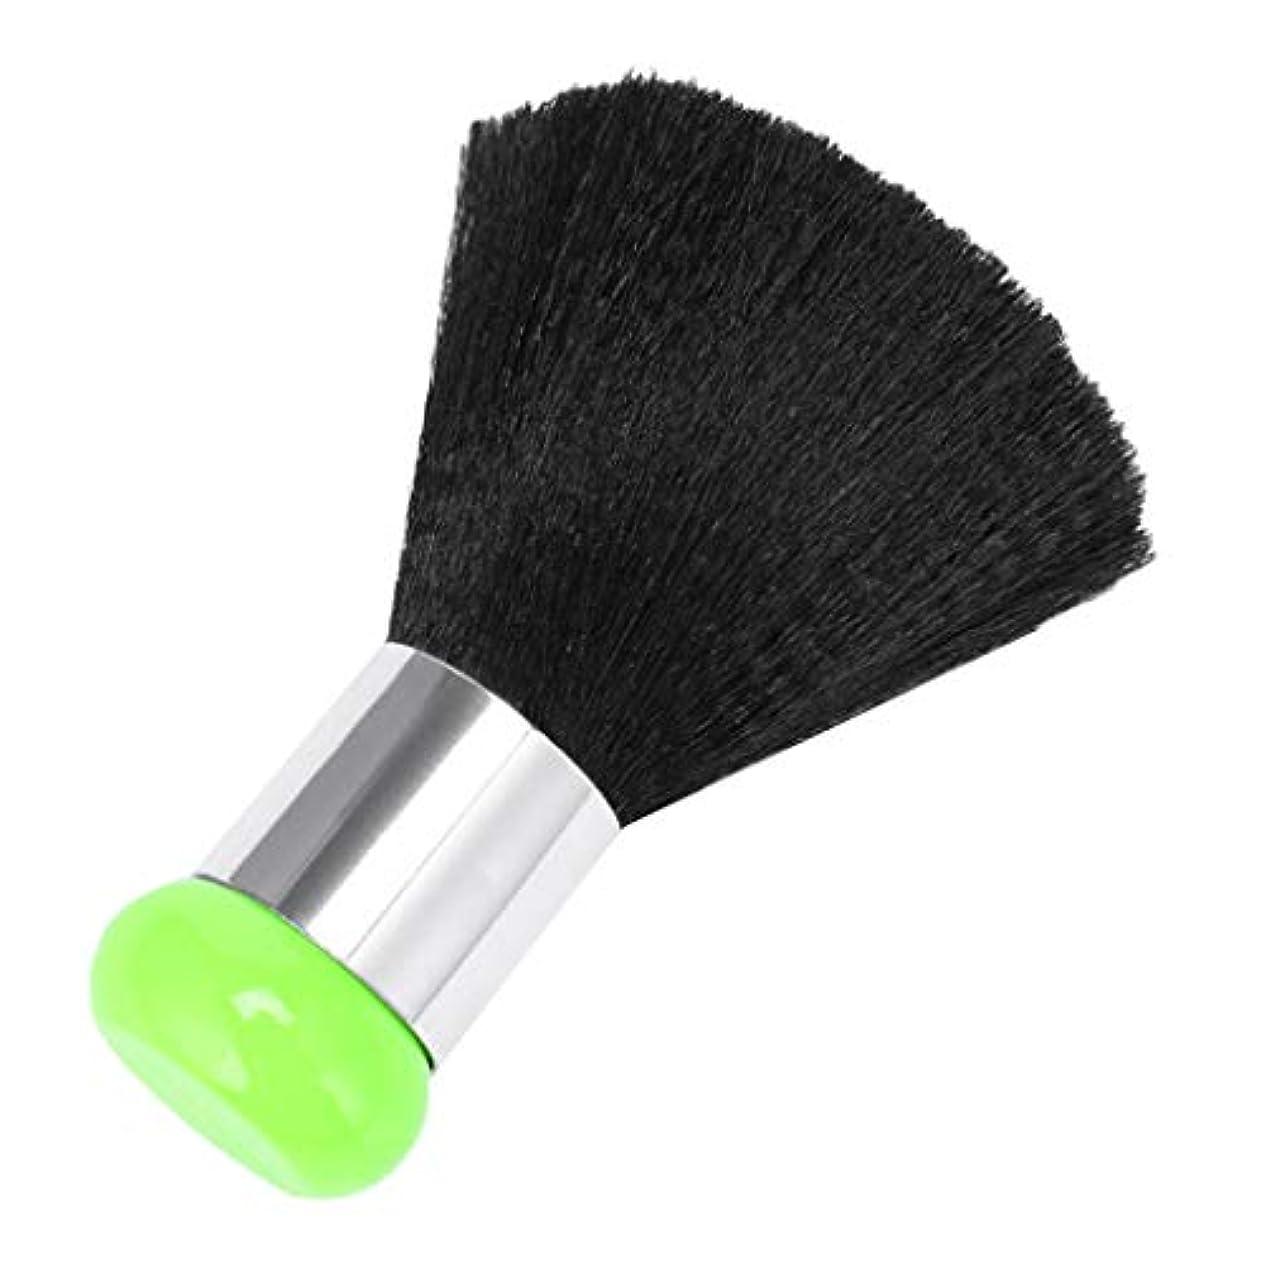 F Fityle ネックダスターブラシ ヘアカット ブラシ ネックダスタークリーナー ヘアブラシ 2色選べ - 緑